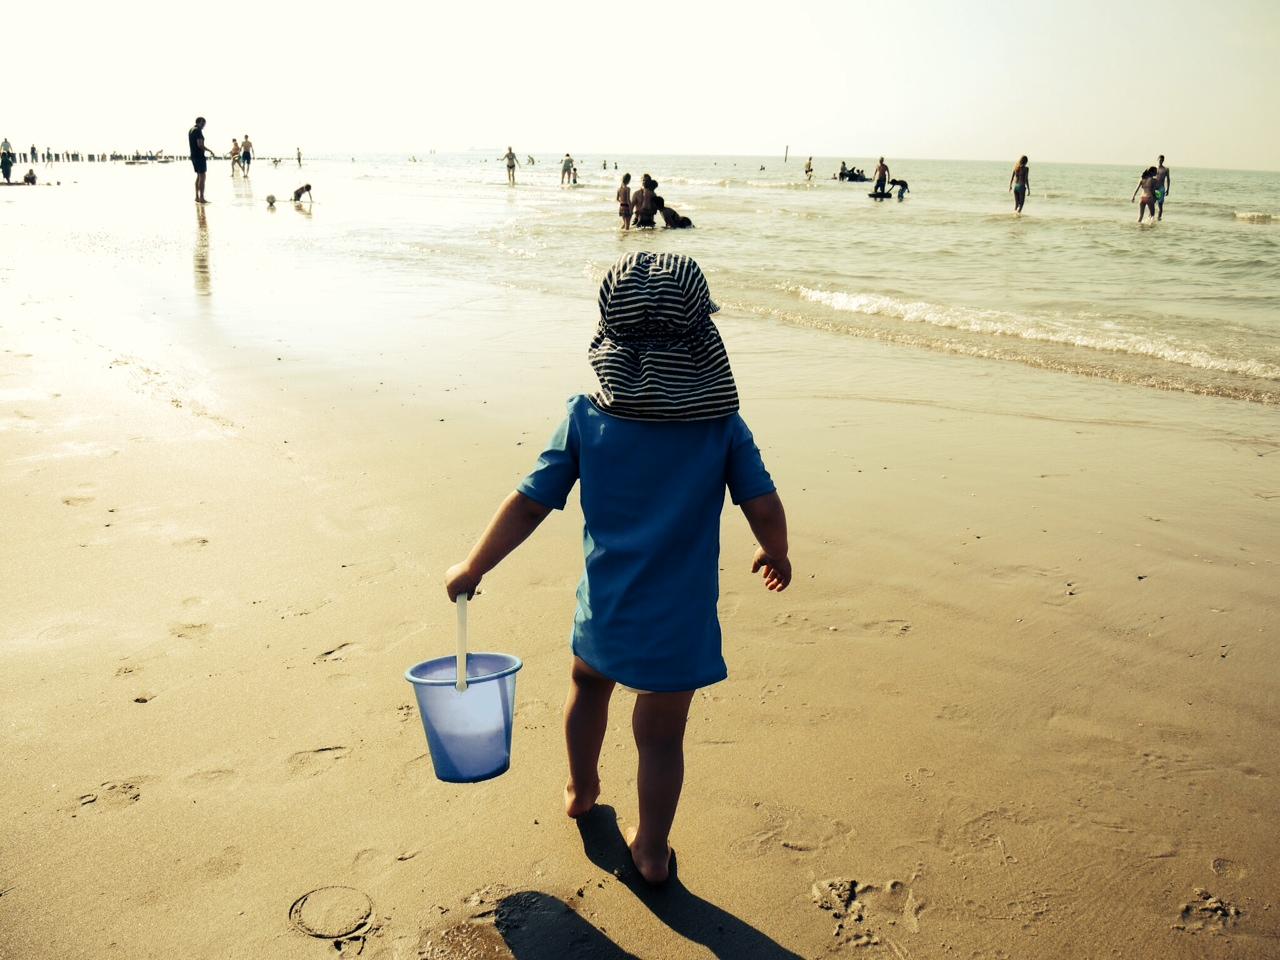 Sommer, Sonnenschein & Sonnenschutz für Kinder